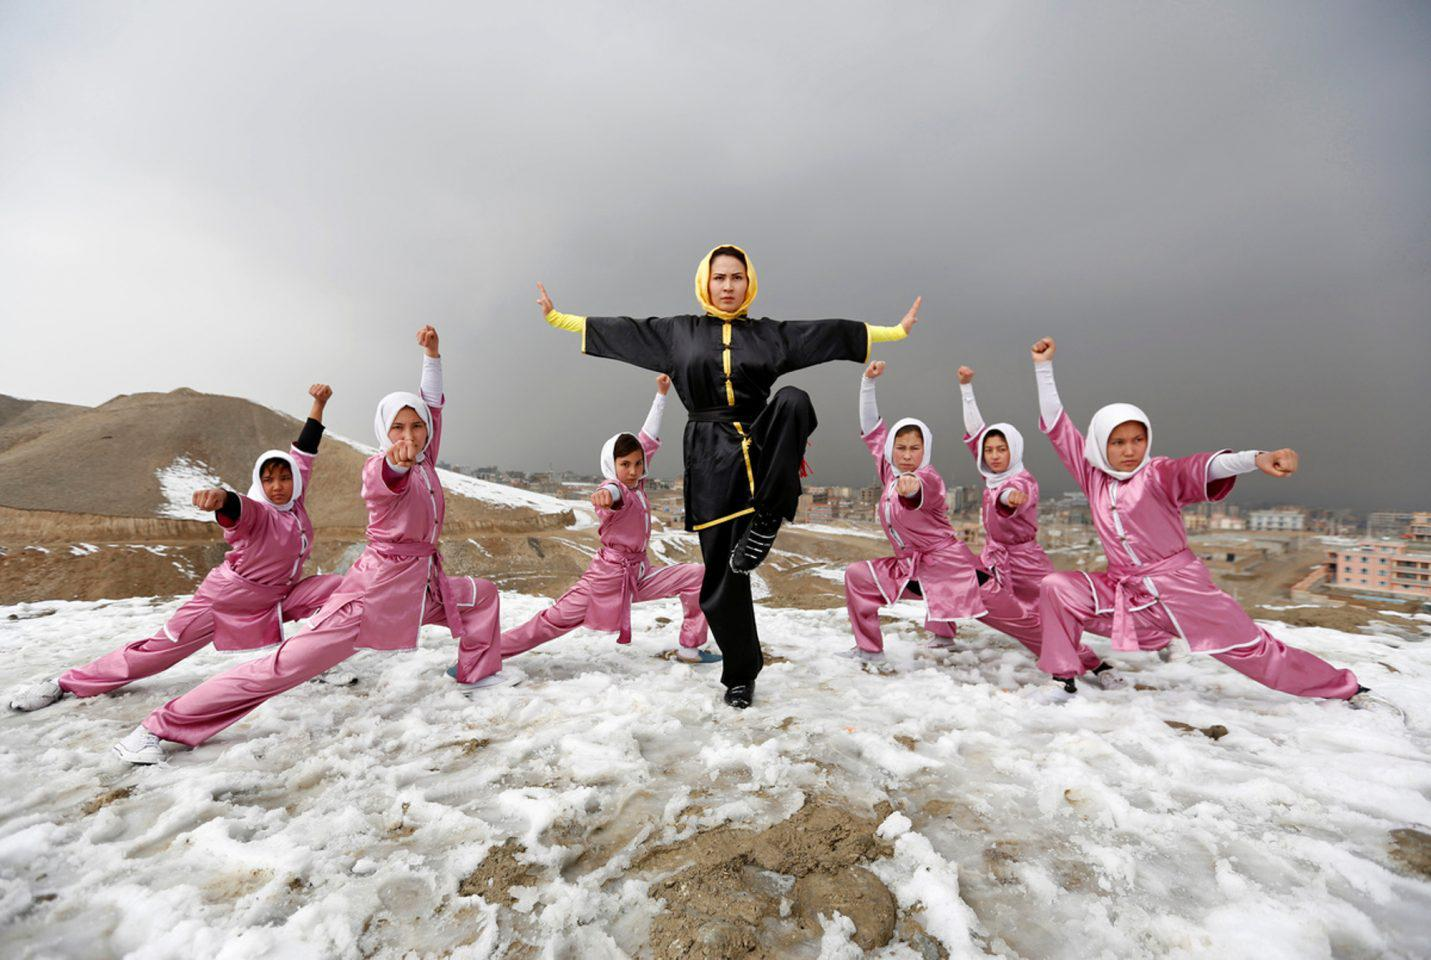 afganistan-koritwsia-spathia-1300 Τα κορίτσια με τα… ασημένια σπαθιά από το Αφγανιστάν [εικόνες]